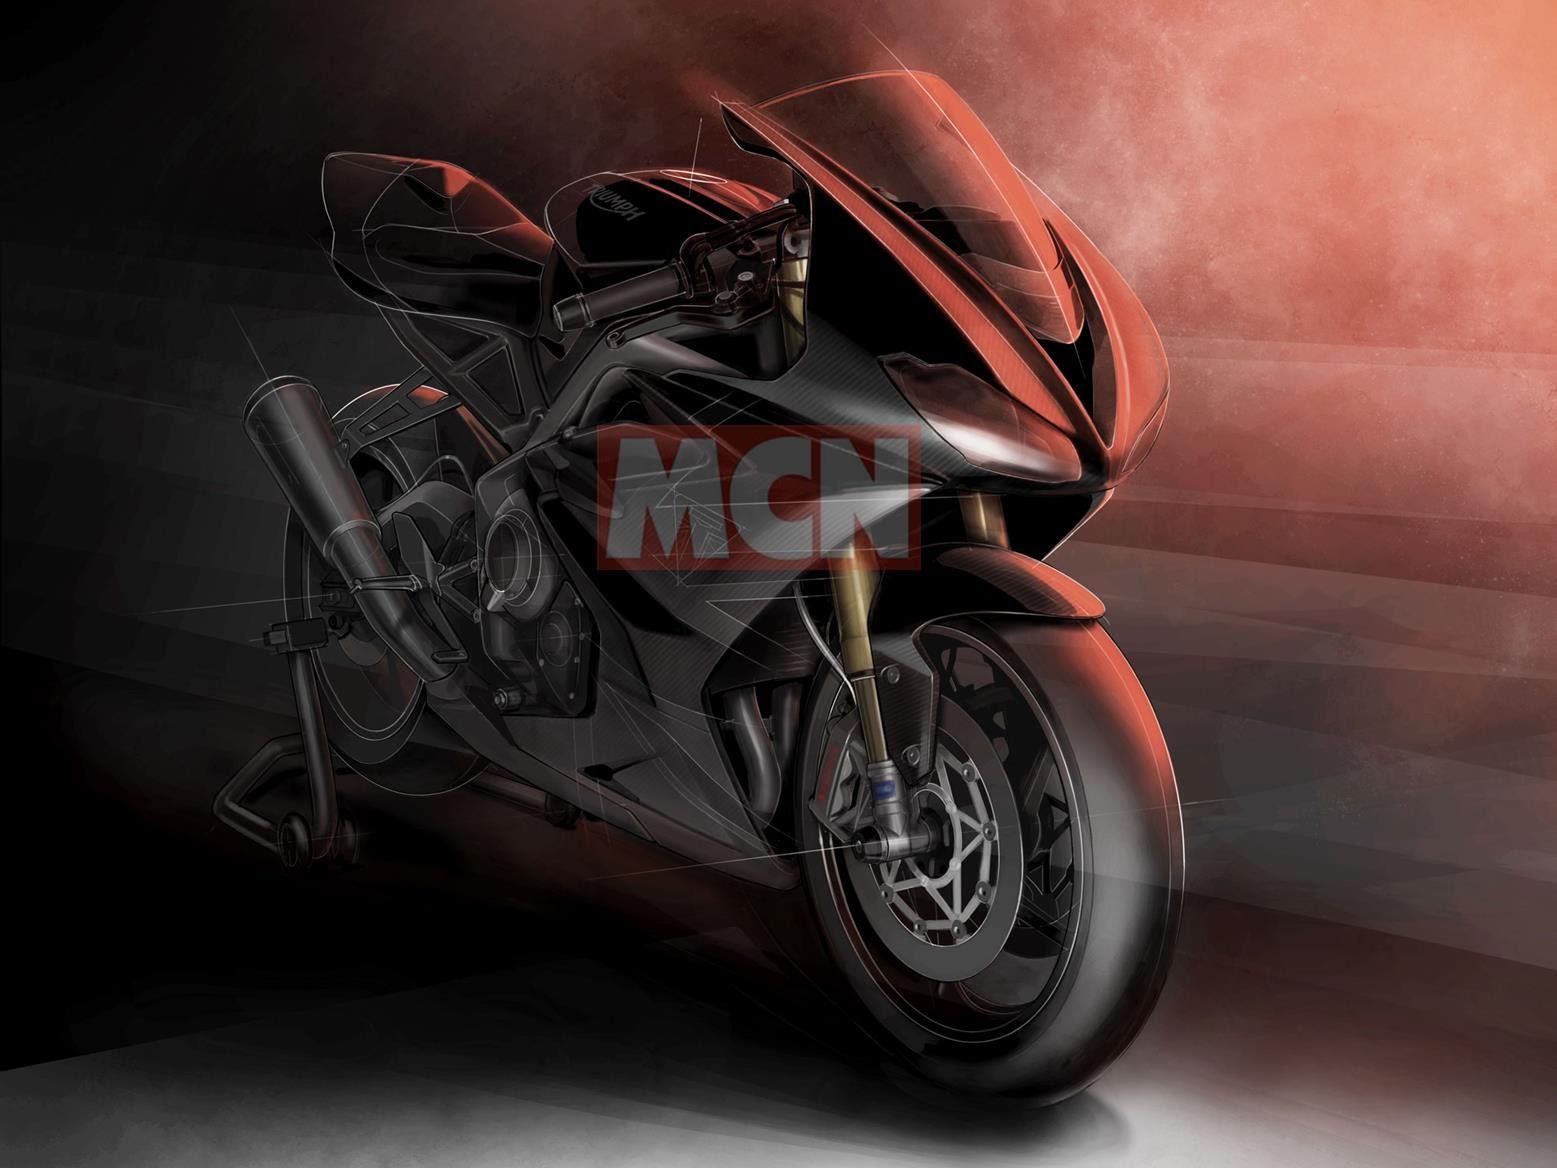 Daytona-Moto2-765.jpg